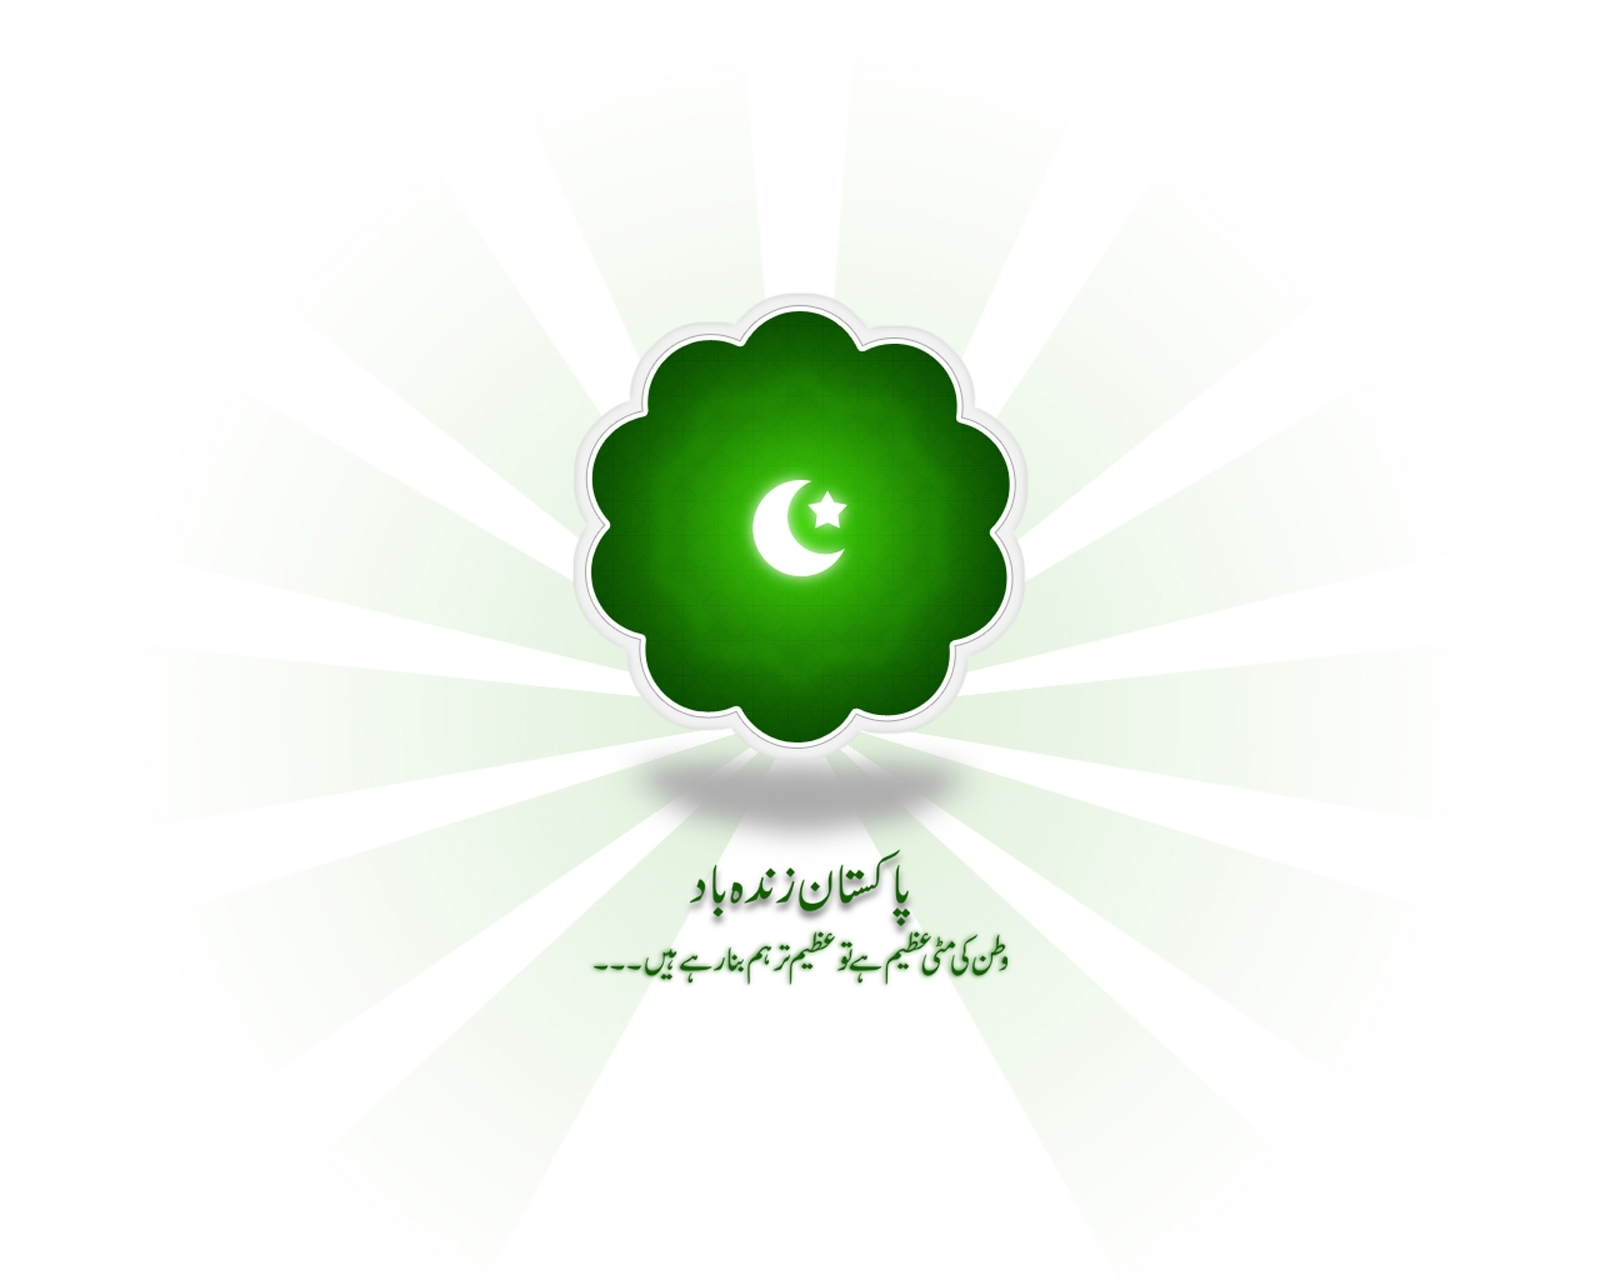 http://1.bp.blogspot.com/-jDUAOcFZn8Q/UYOX9bTUoMI/AAAAAAAACV4/xHlkAse-QD0/s1600/pakistan-flower-wallpaper.jpg